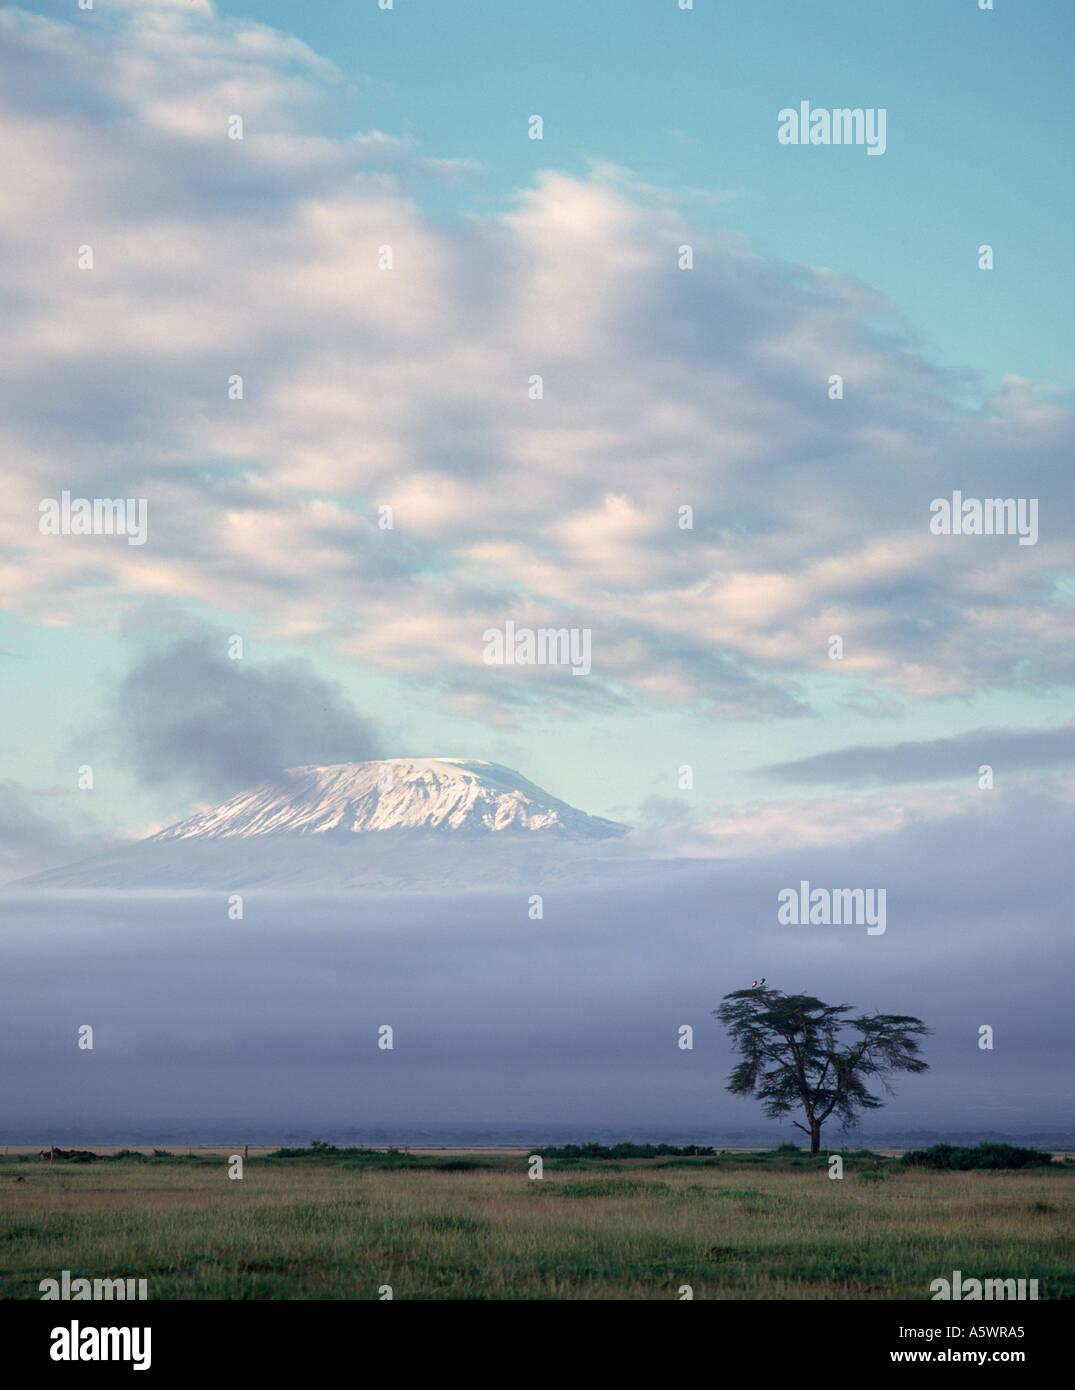 El pico nevado del Monte Kilimanjaro al amanecer de Amboseli Lodge, Parque Nacional de Amboseli, Kenia, África Oriental Imagen De Stock